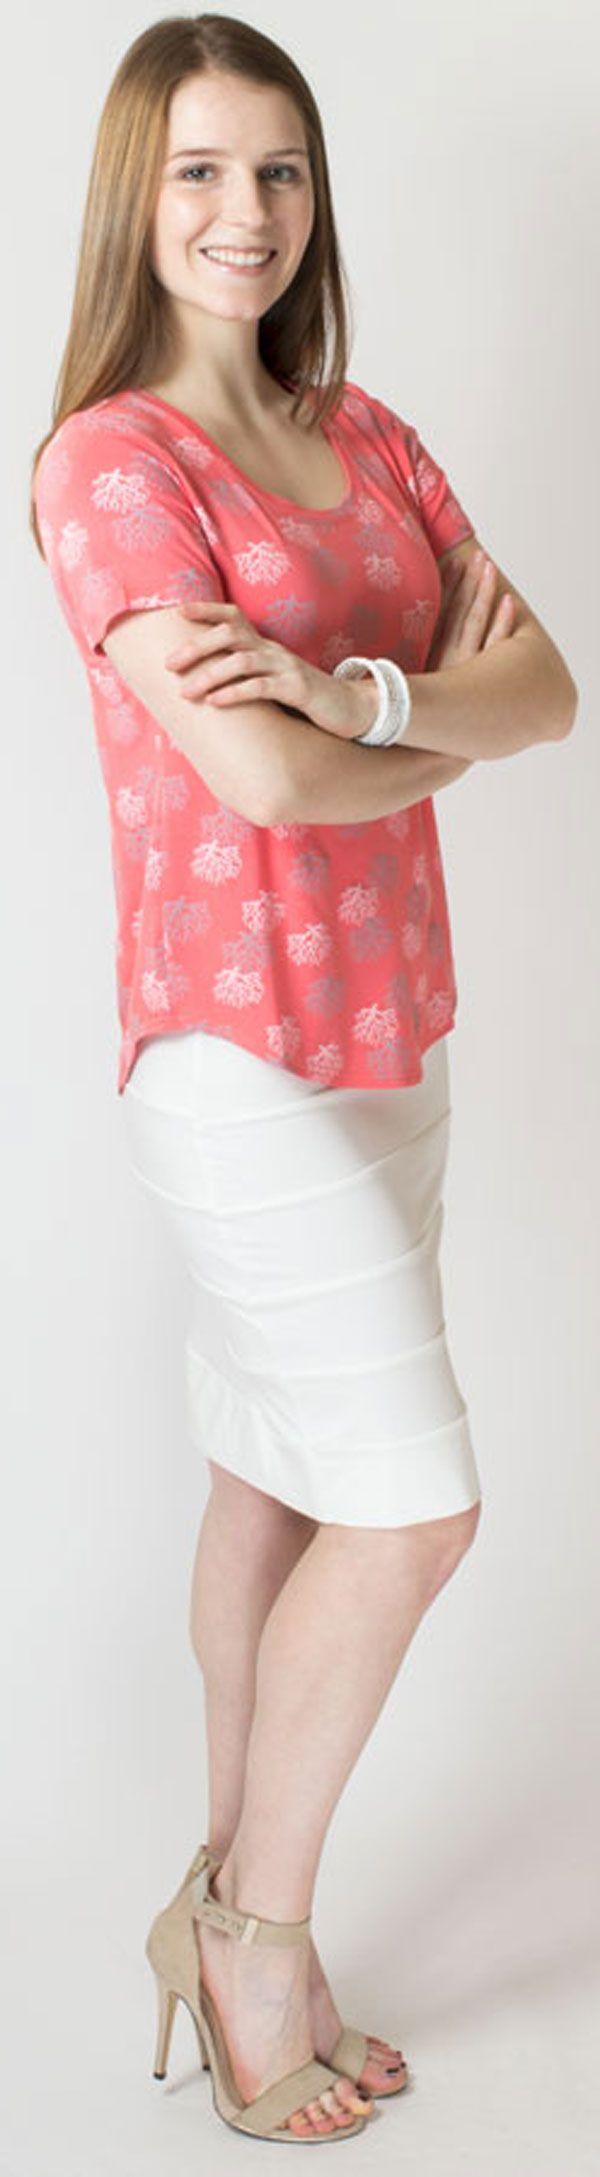 95% Bamboo - Fair Trade - XXS-4X - Blue Sky Clothing Co